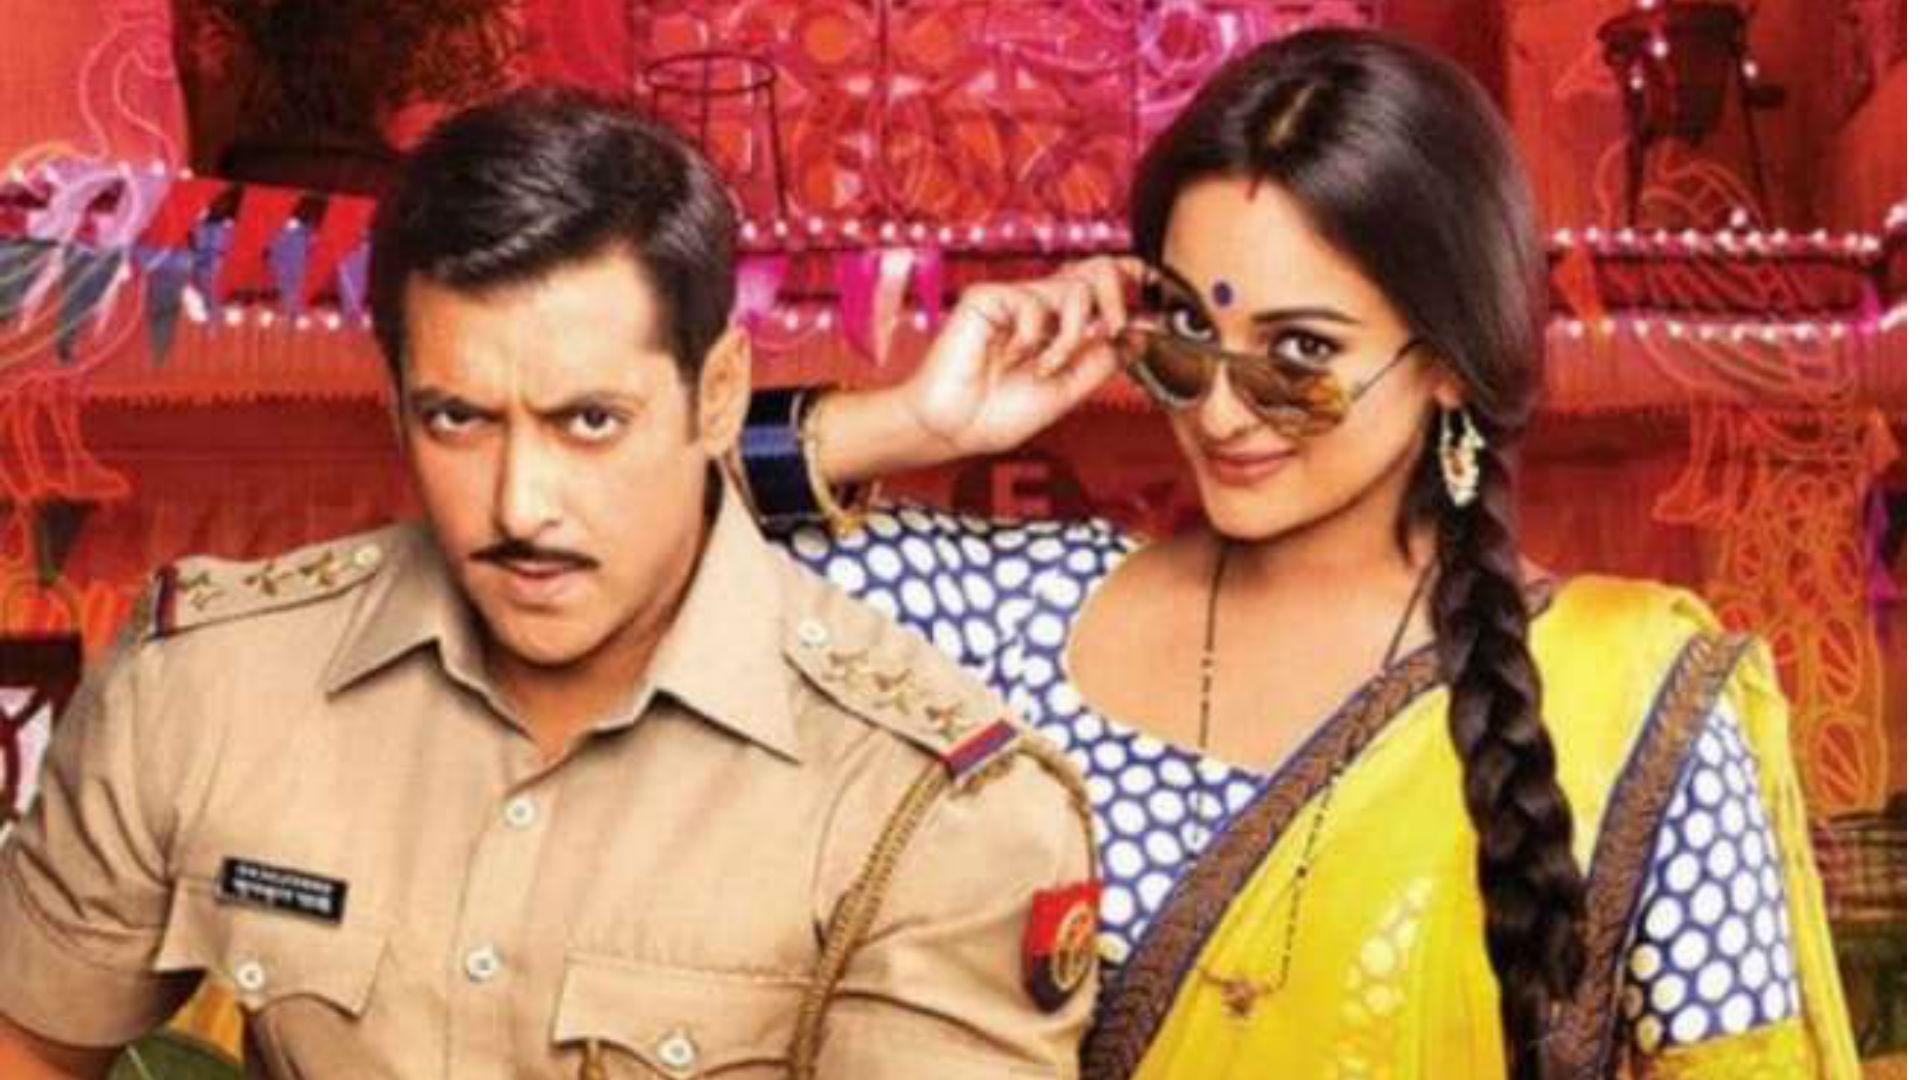 सलमान खान के फैंस का इंतजार हुआ खत्म, साल के इस महीने में रिलीज होने जा रही है फिल्म दबंग 3